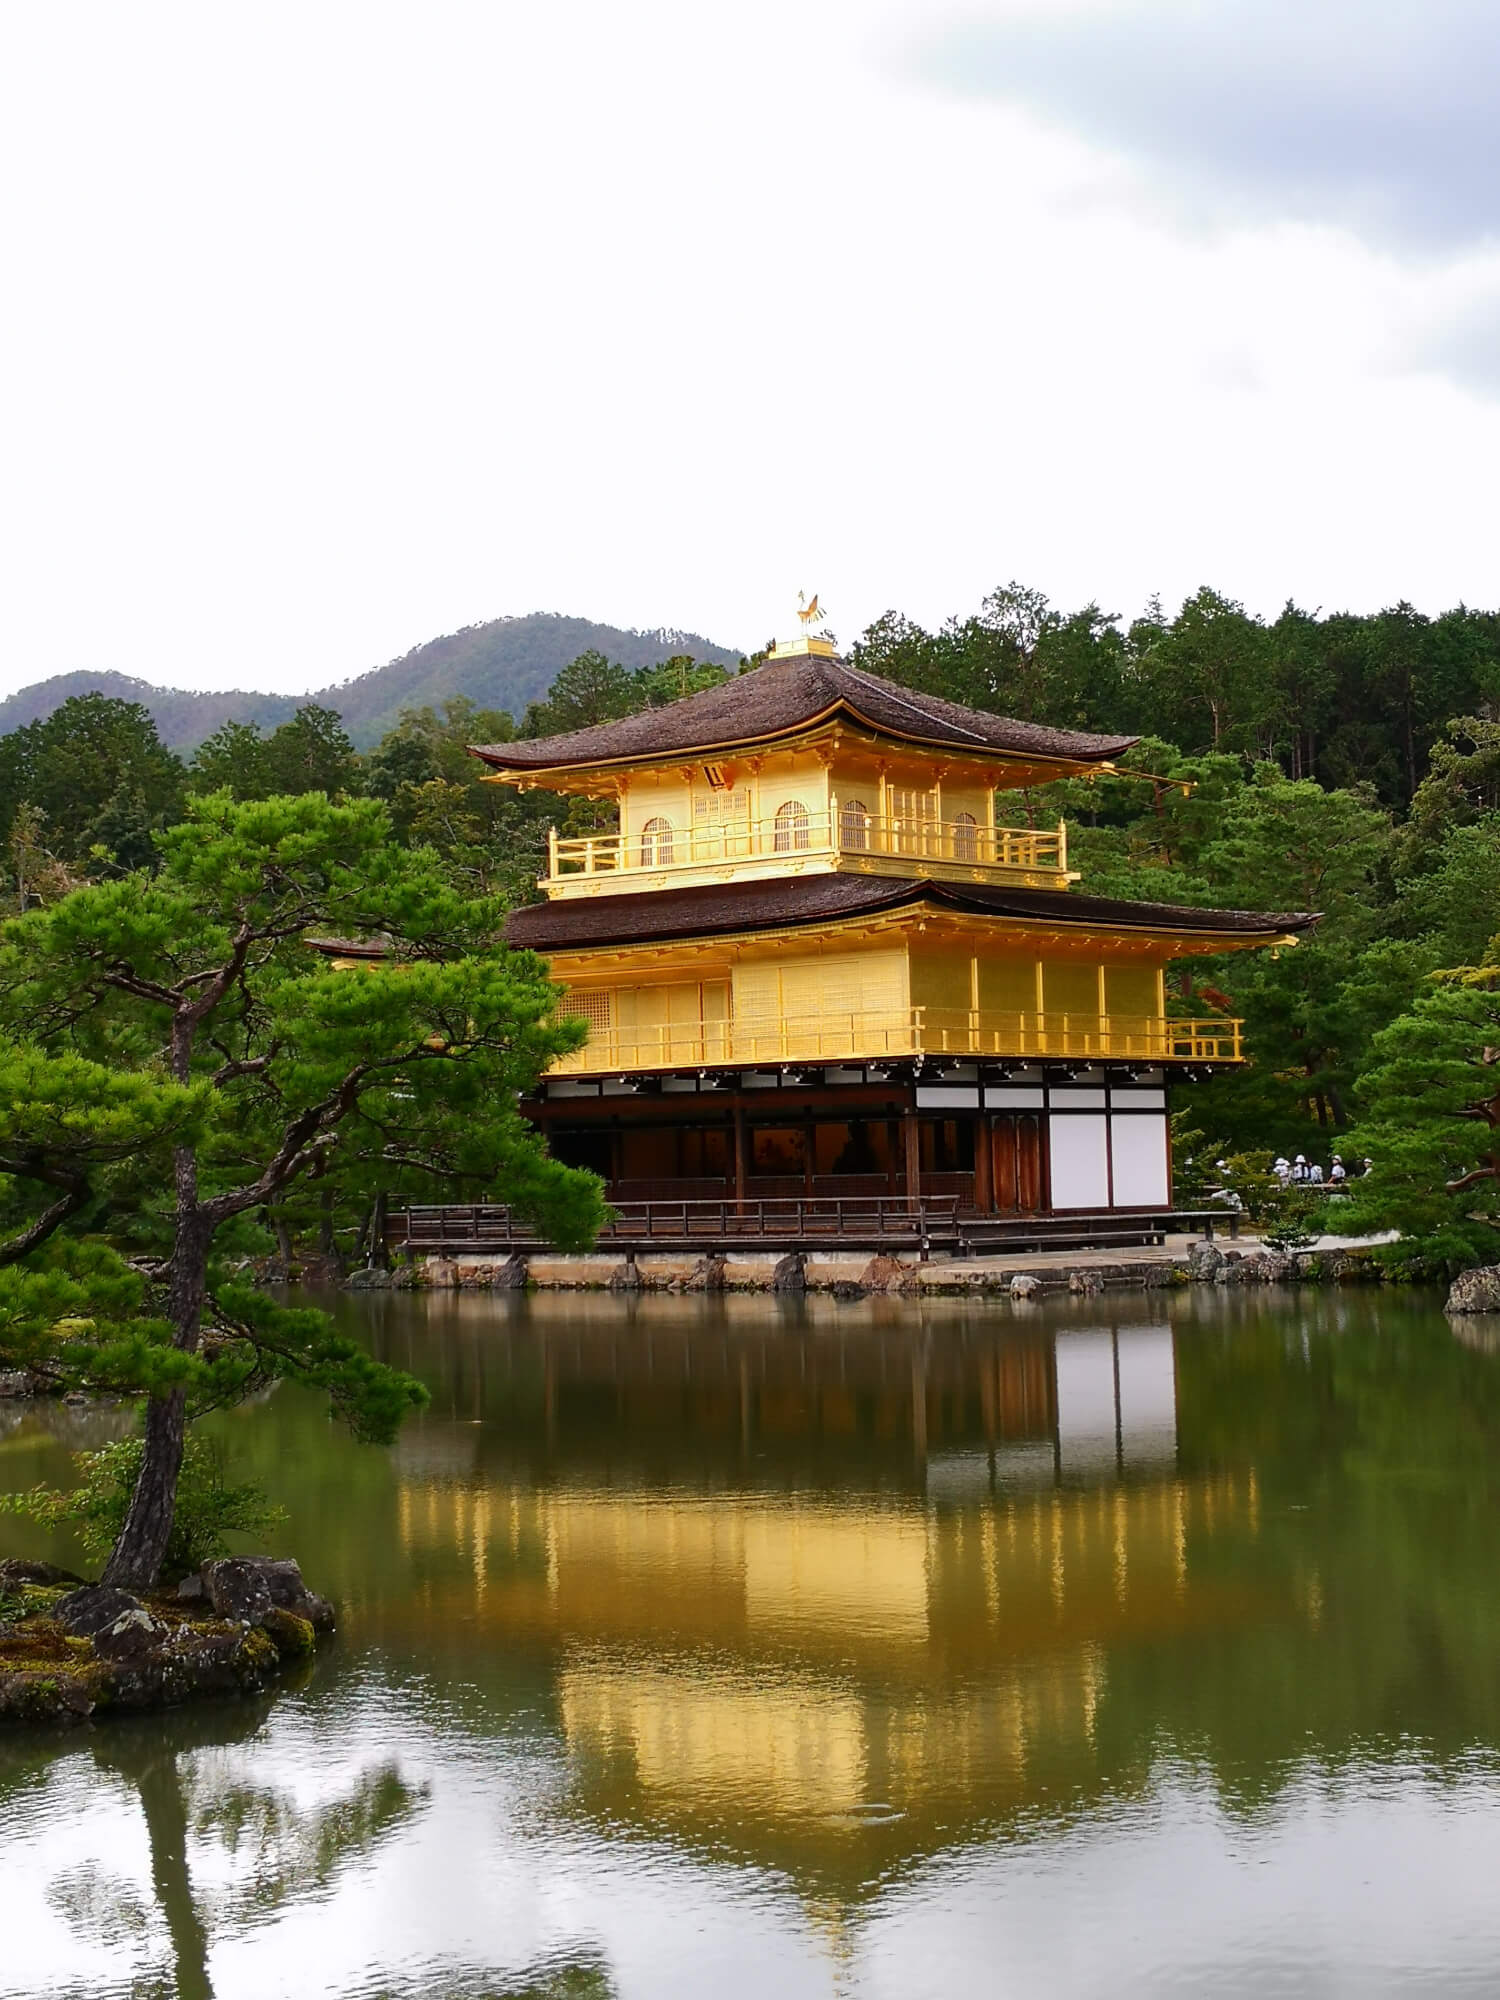 viaggiare-zaino-in-spalla-palazzo-d-oro-kyoto-giappone